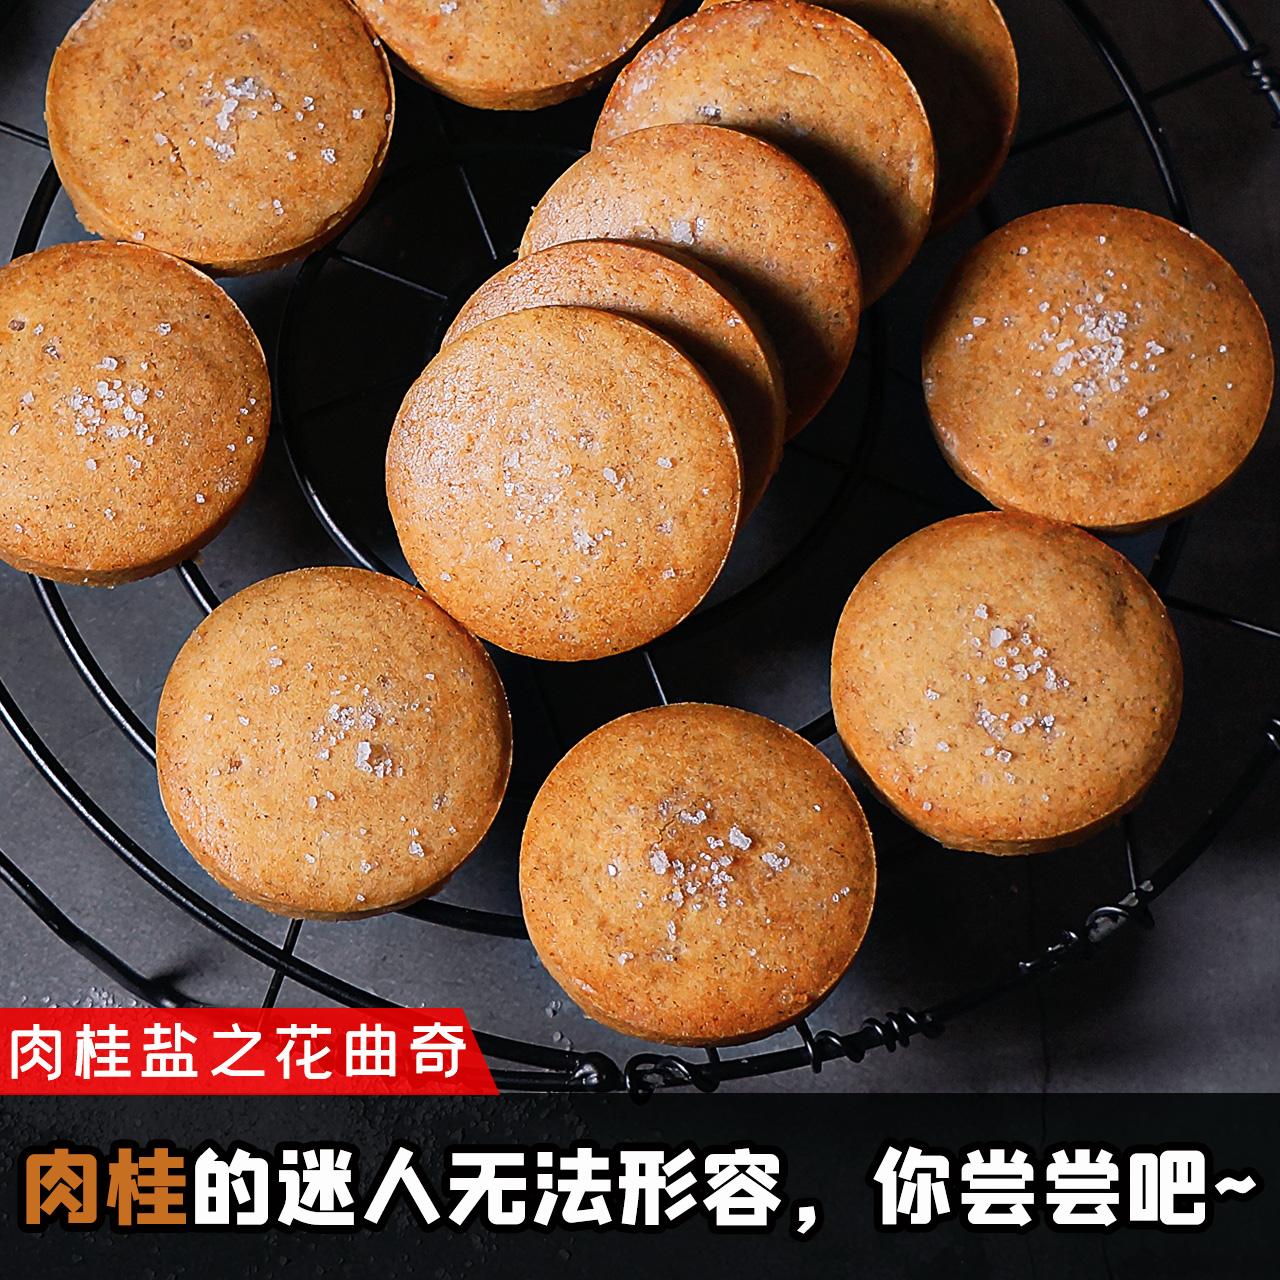 造作甜时焦糖肉桂盐之花曲奇手工甜品网红饼干零食好吃下午茶礼物